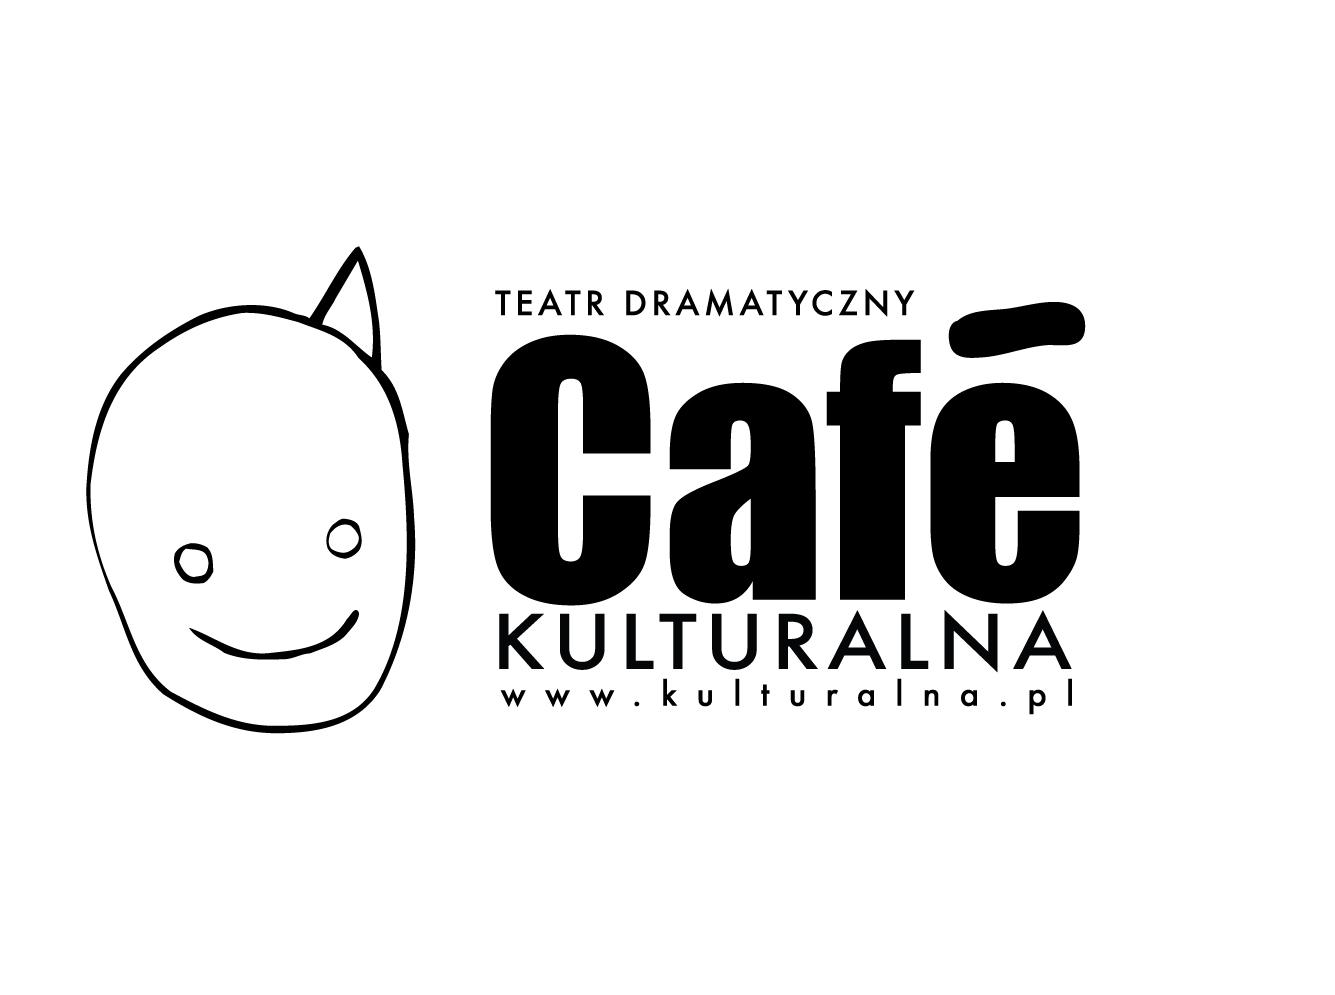 cafe kulturalna